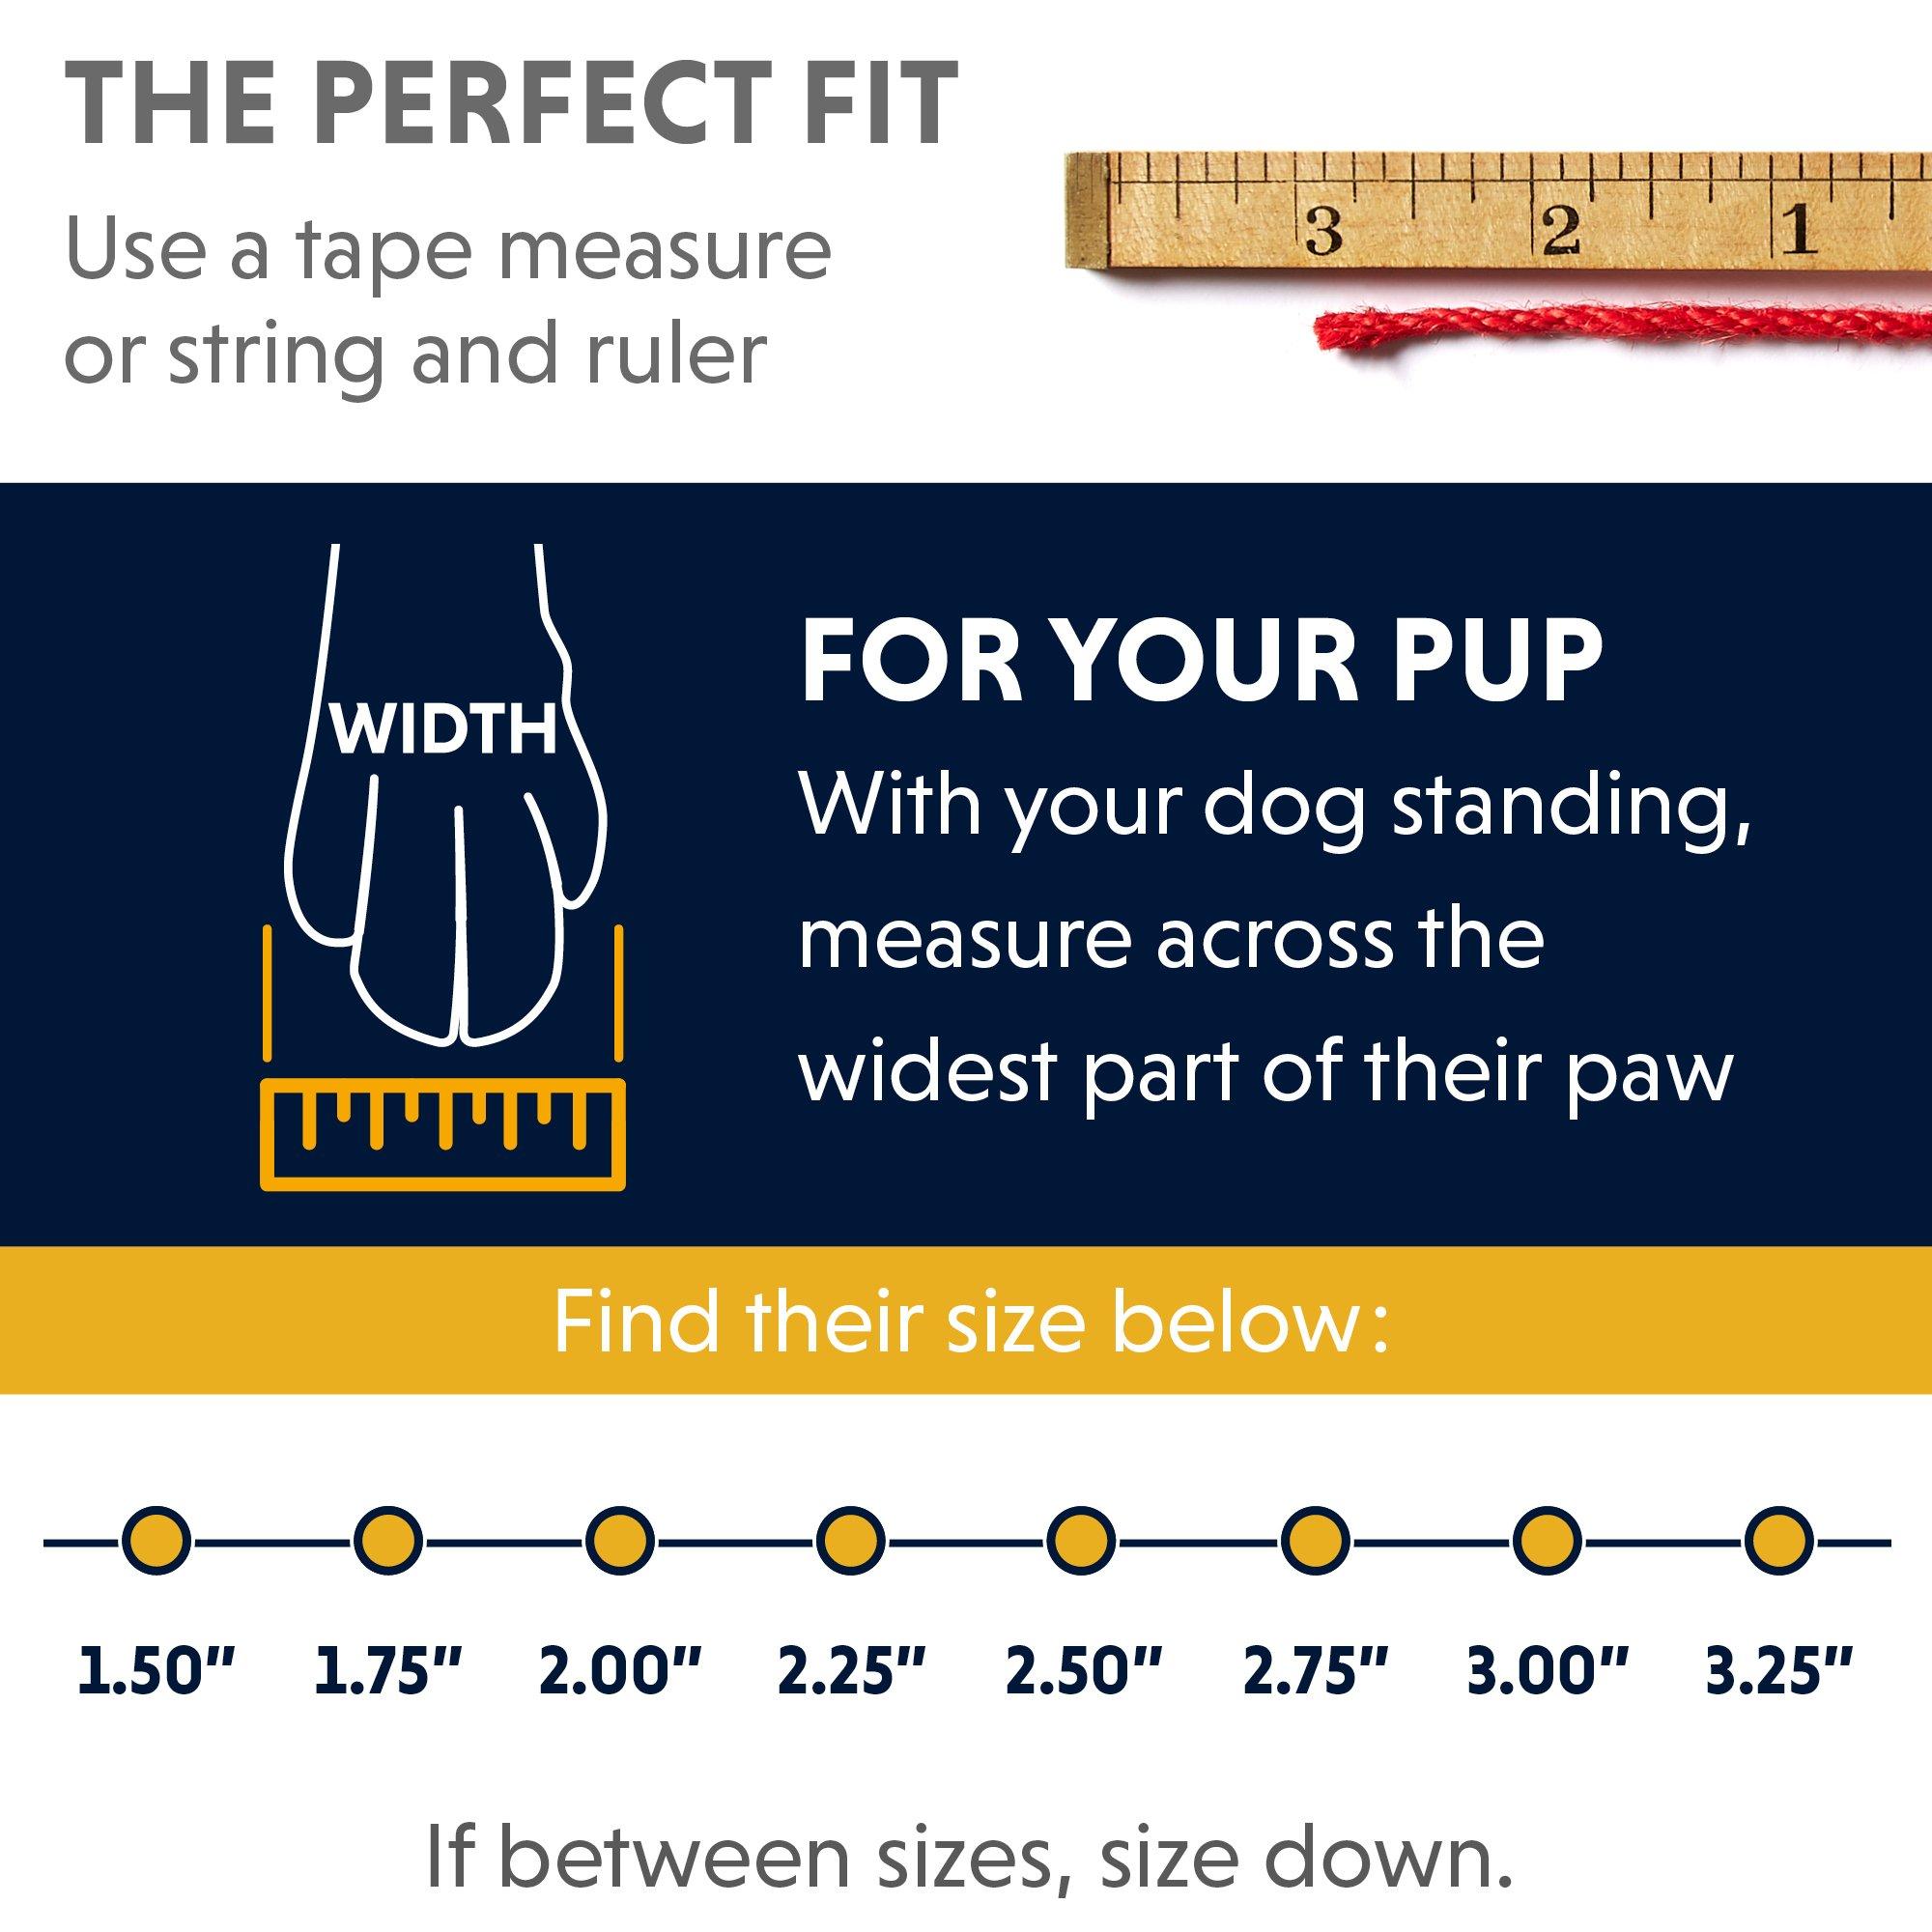 RUFFWEAR 15202-001300 - Grip Trex, All-Terrain Paw Wear for Dogs, Obsidian Black, 3.0 in (Set of 4) by RUFFWEAR (Image #4)